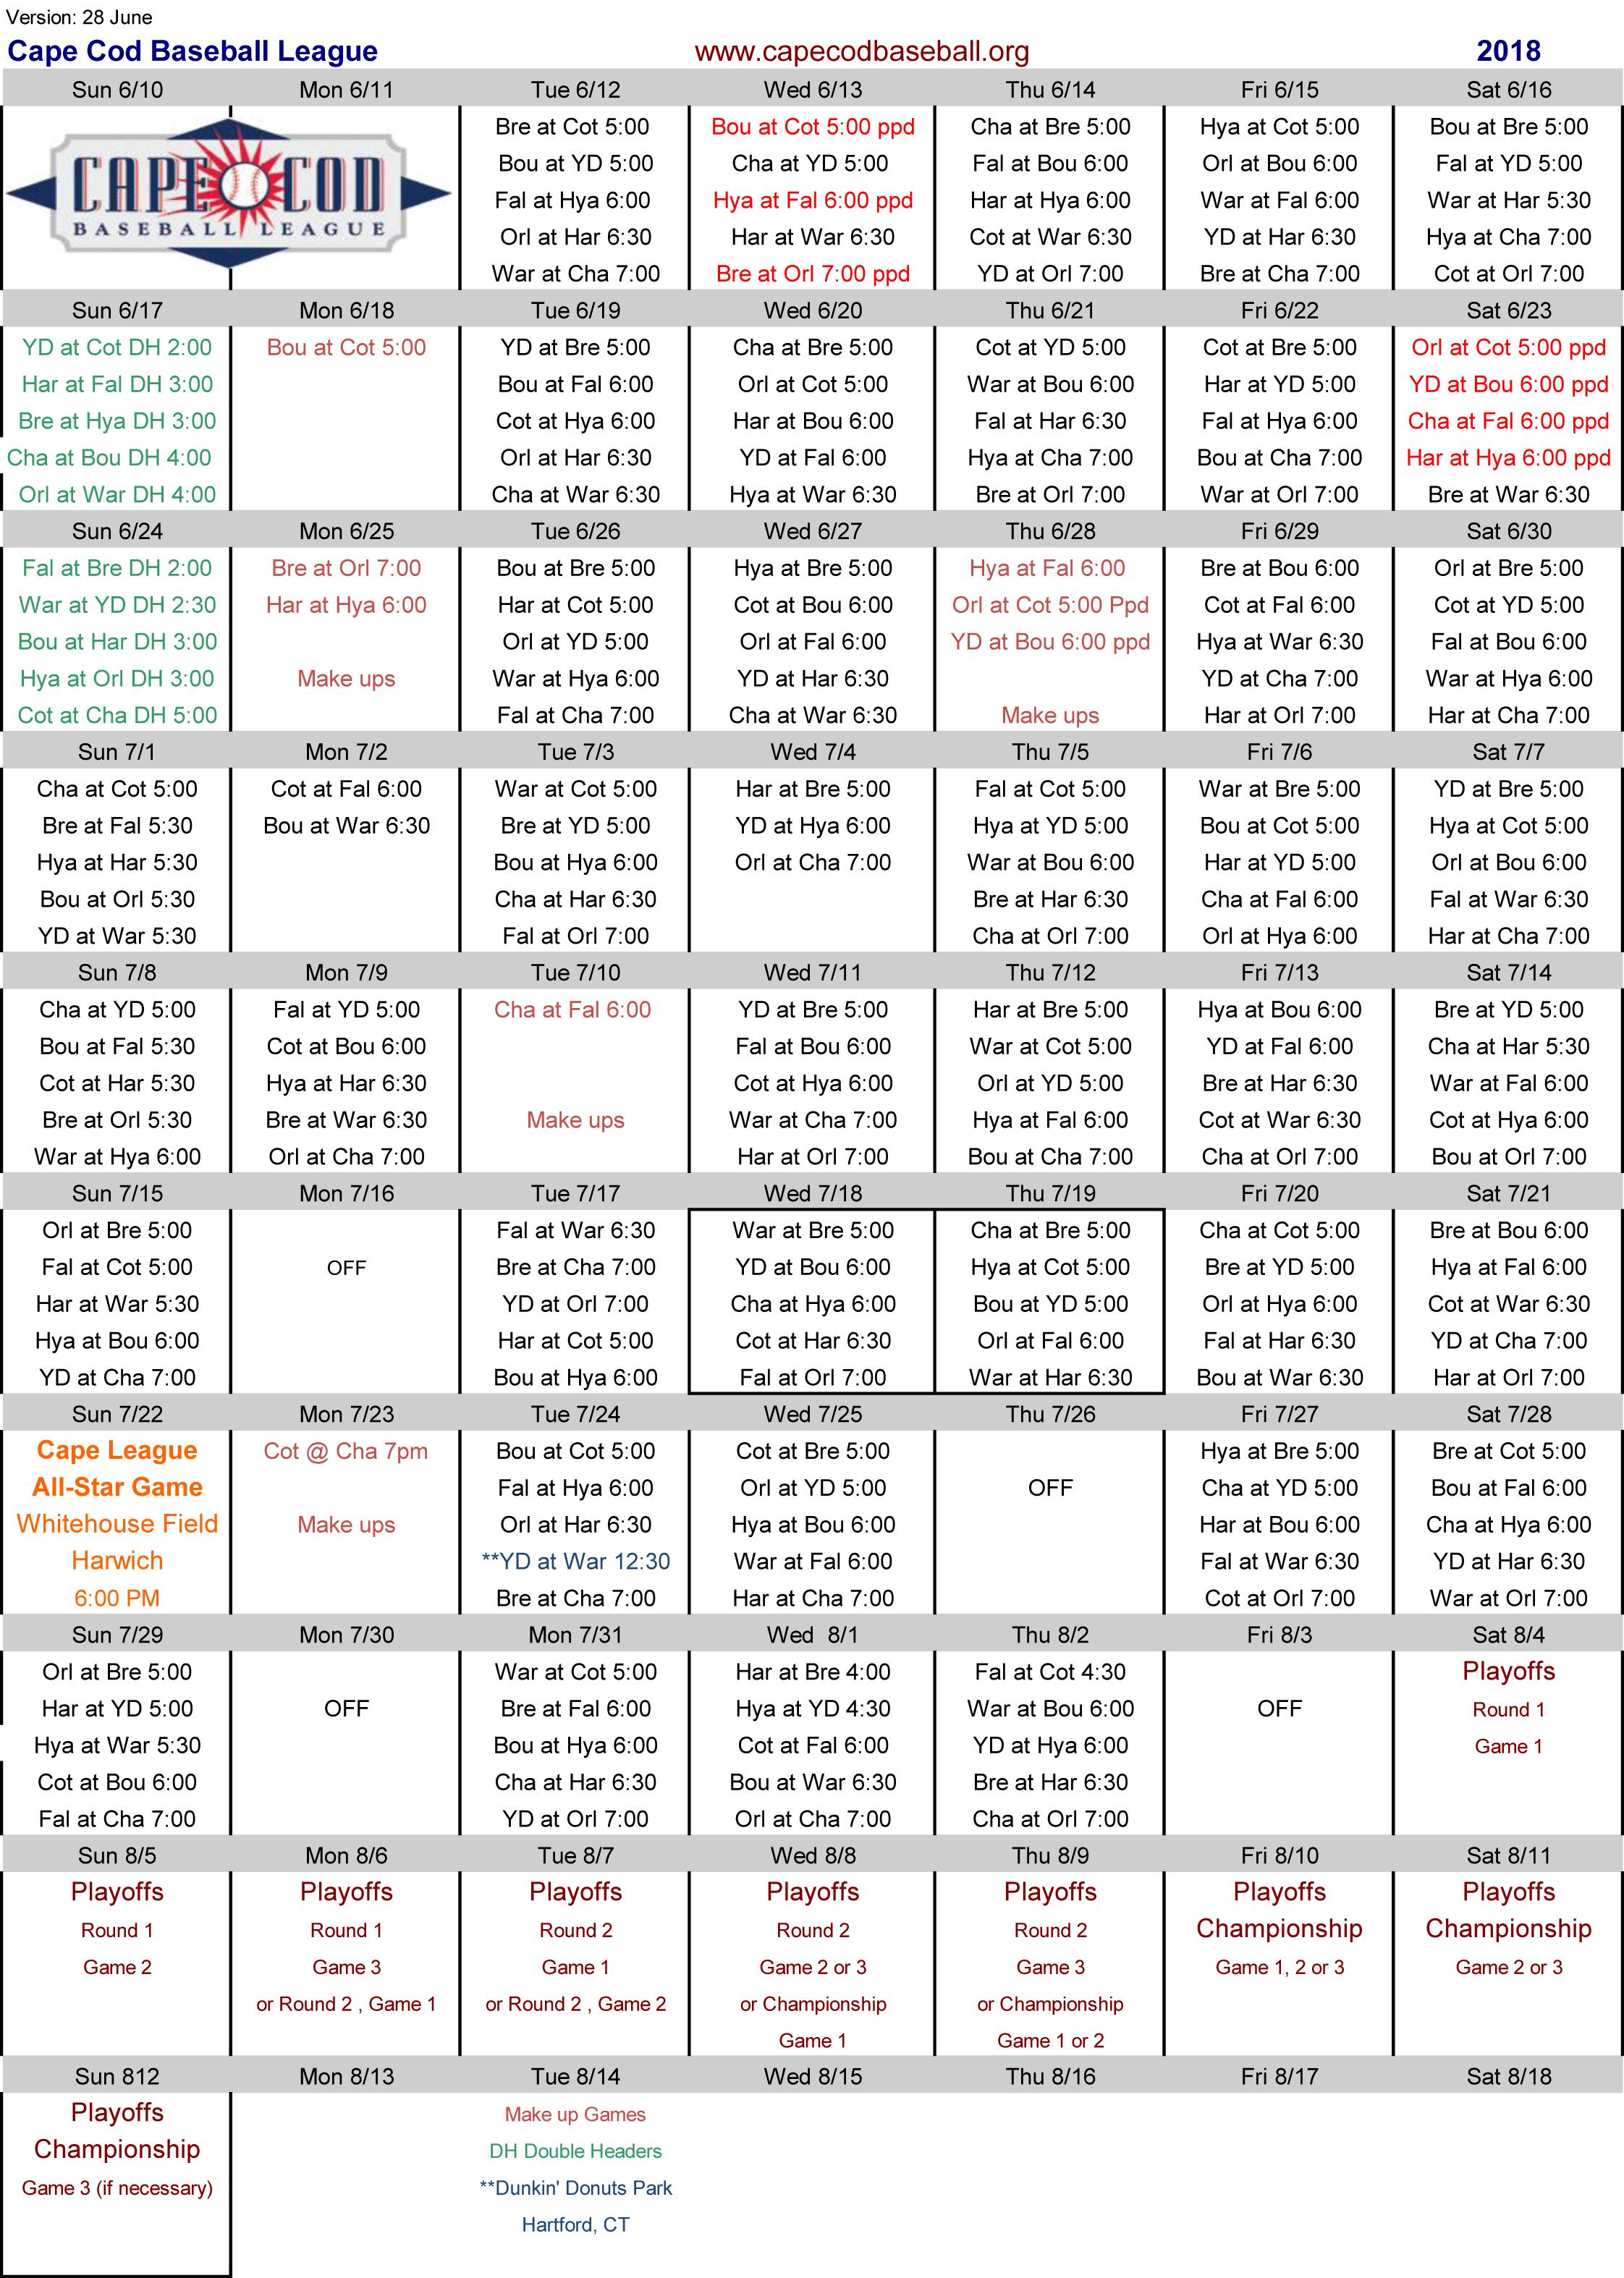 Cape Cod Baseball League 2018 Game Schedule.